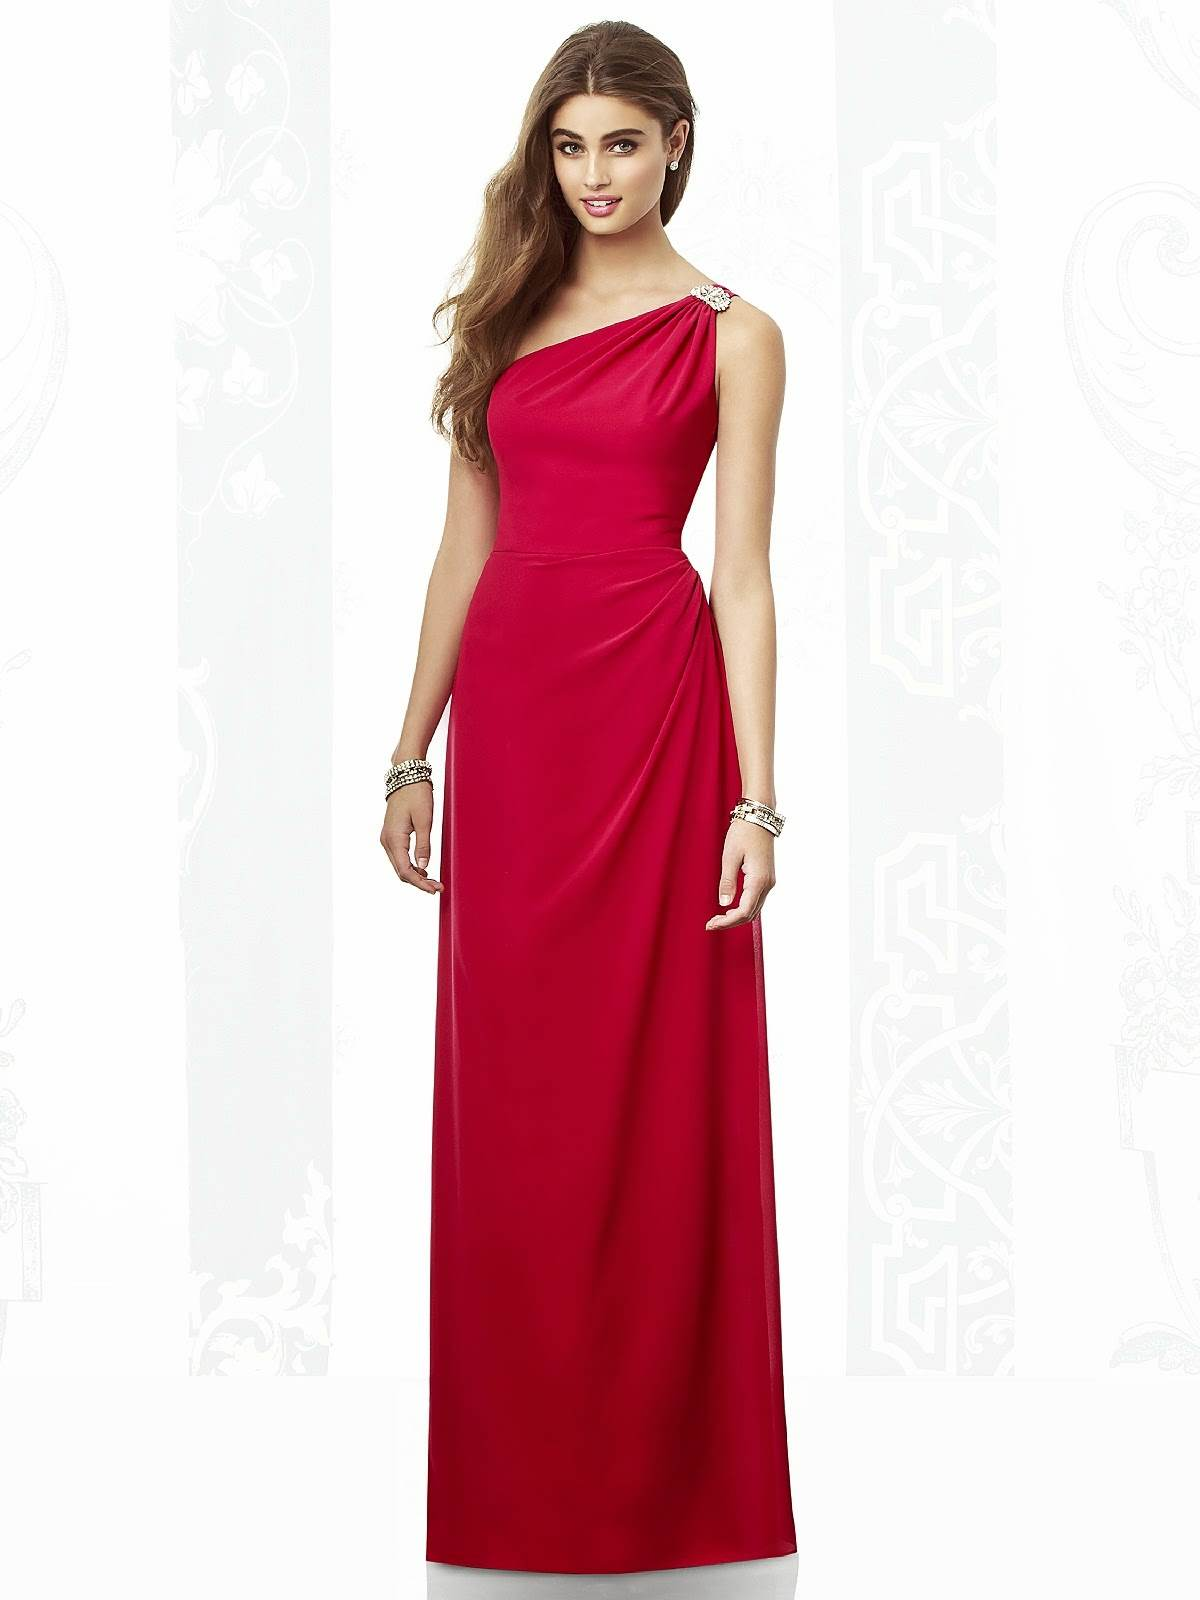 grandiosos-vestidos10